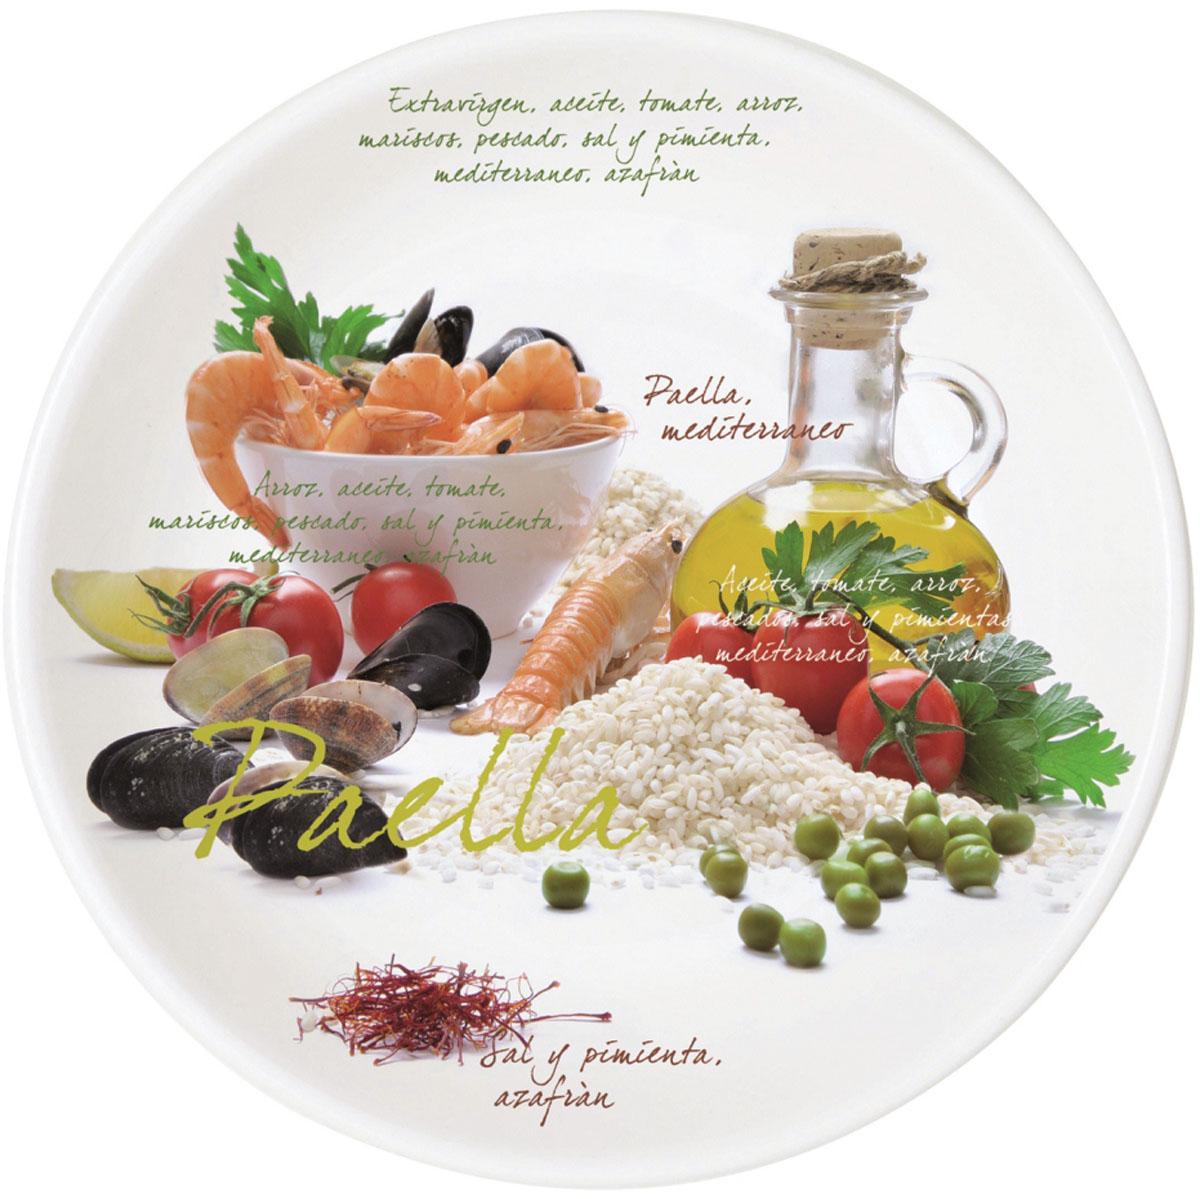 """Тарелки """"Easy Life"""" изготовлены из высококачественного фарфора, декорированы рисунком.  Такие тарелки прекрасно подойдут для вашей кухни и великолепно украсят стол. Изящный  дизайн и красочность оформления тарелок придутся по вкусу и ценителям классики, и тем, кто  предпочитает утонченность и изысканность.   Итальянская компания Easy Life - является лидером производства кухонной посуды и аксессуаров  для дома в Италии. Вся продукция производится из современных и экологически чистых  материалов: фарфора, стекла, пластика и дерева. Продукция компании Easy Life отличается  современным дизайном, и легкостью в эксплуатации. Продукция компании Easy Life не только  современный подарок и украшение для вашего дома, но и всегда неисчерпаемое количество идей  на вашей кухне."""